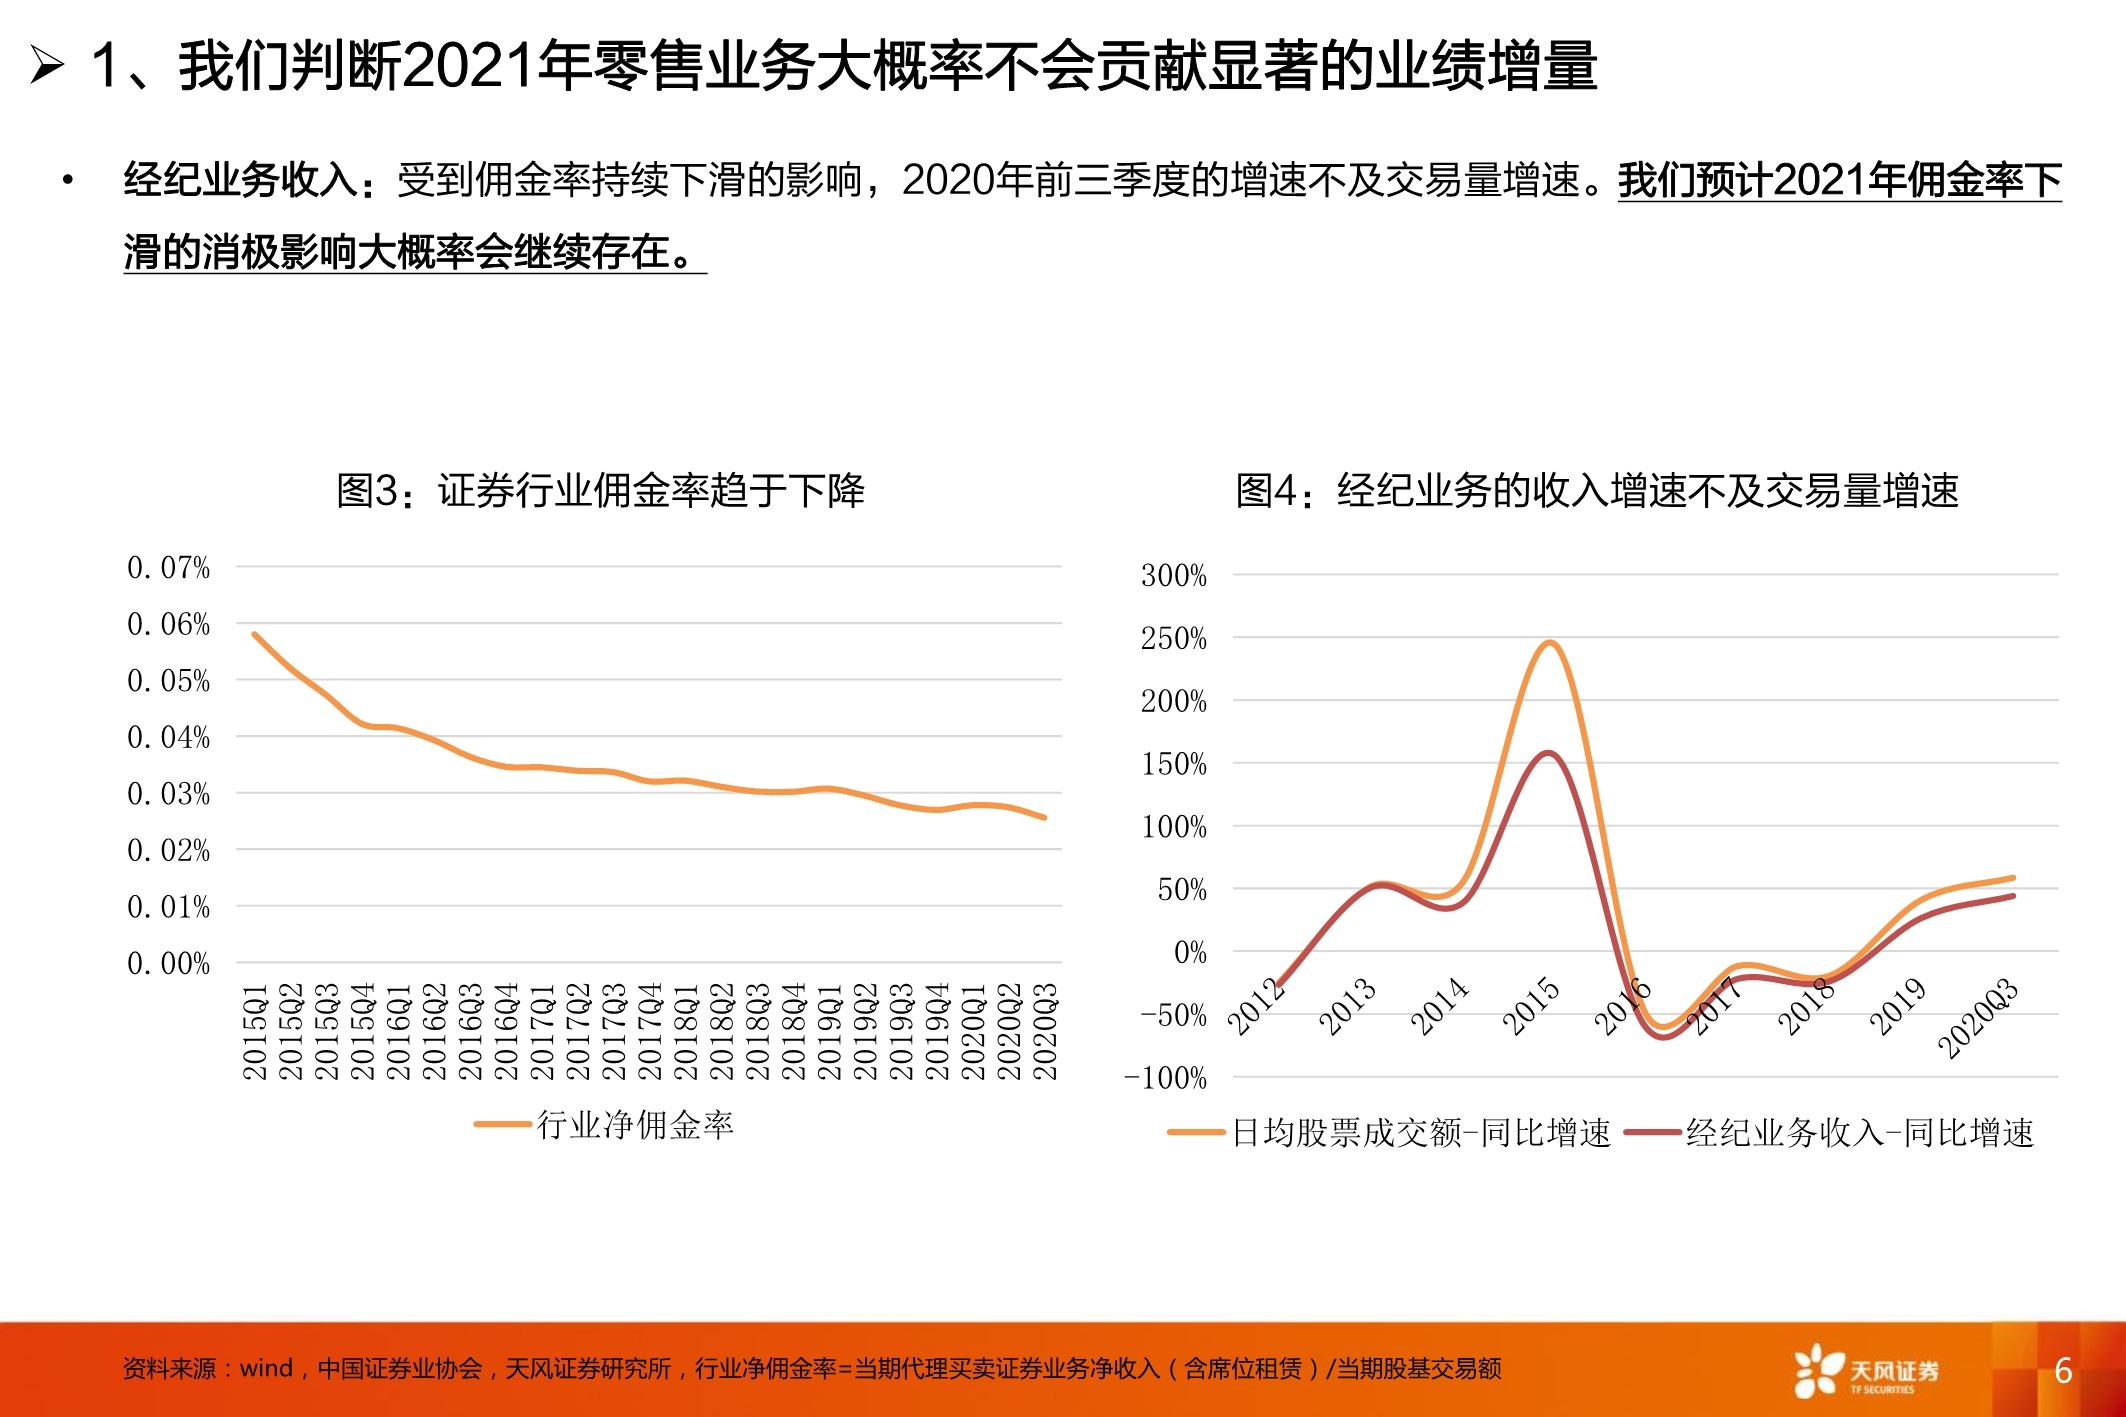 证券行业投资策略:2021年证券行业业务增量来自于哪